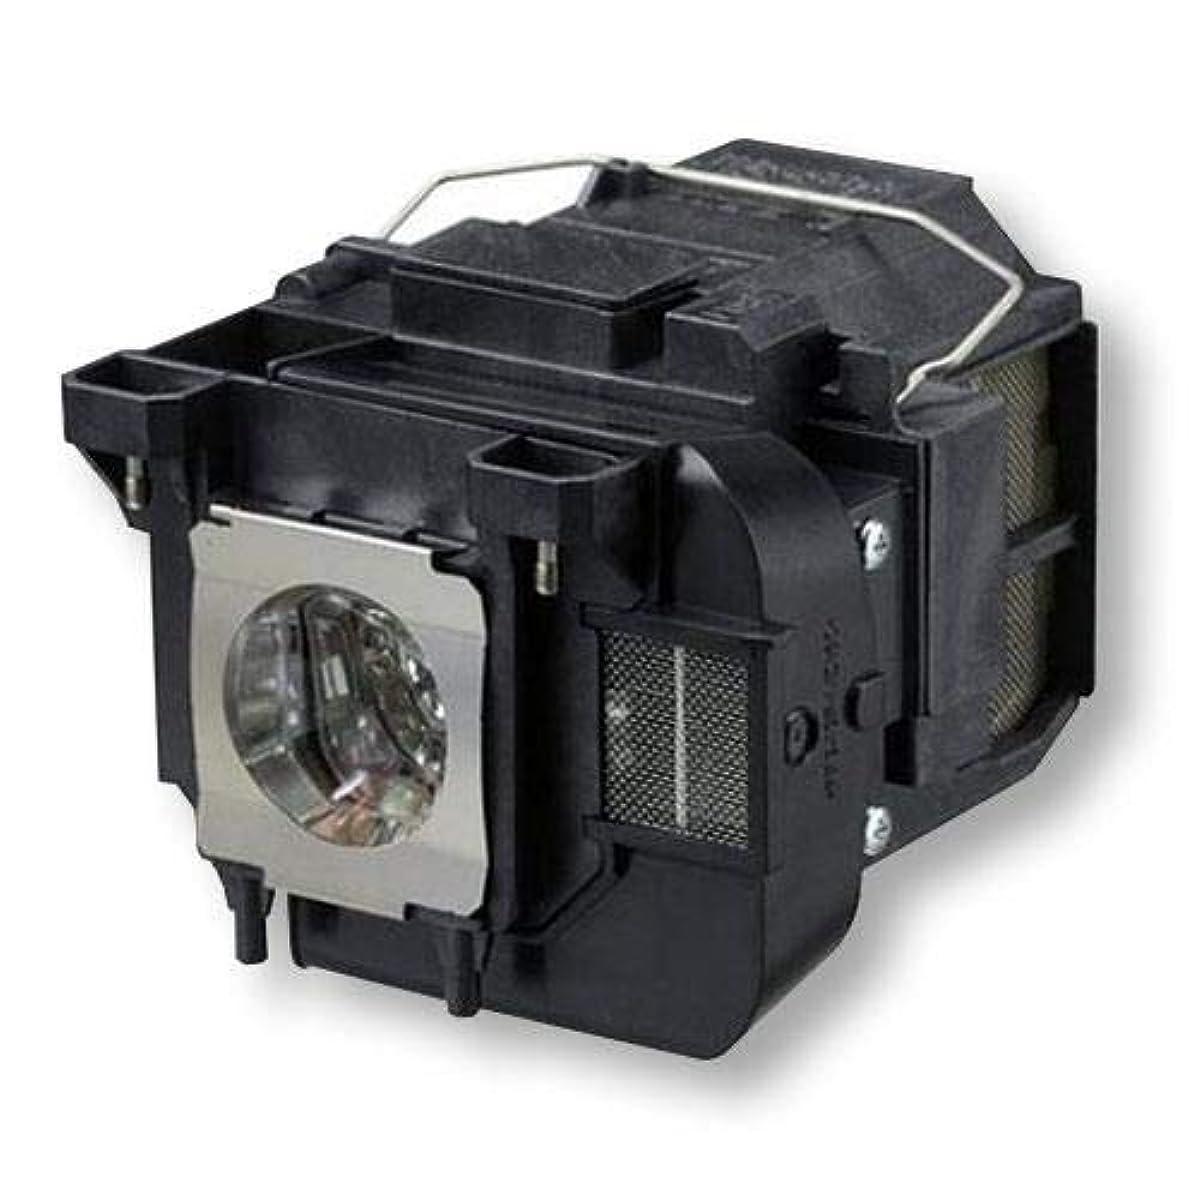 波紋祖母必需品Pureglare POWERLITE 1945W プロジェクター交換用ランプ 汎用 150日間安心保証つき